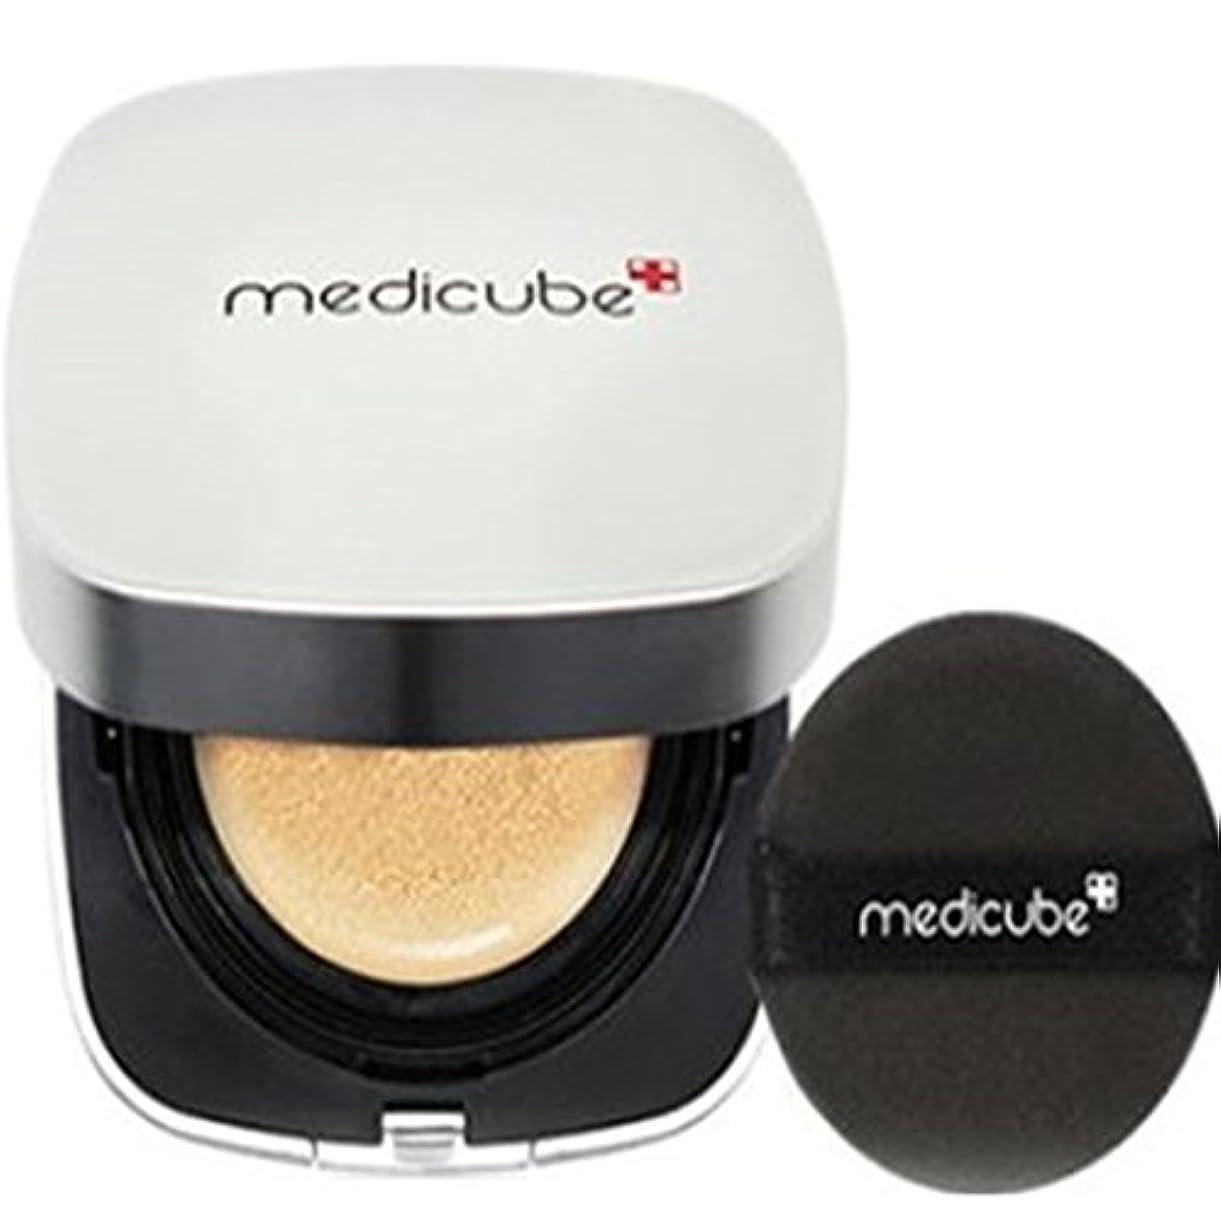 マントル匿名クリーム[Medicube メディキューブ] レッドクッション - シェード23号ナチュラルベージュ / Red Cushion - Shade 23 Natural Beige [並行輸入品]